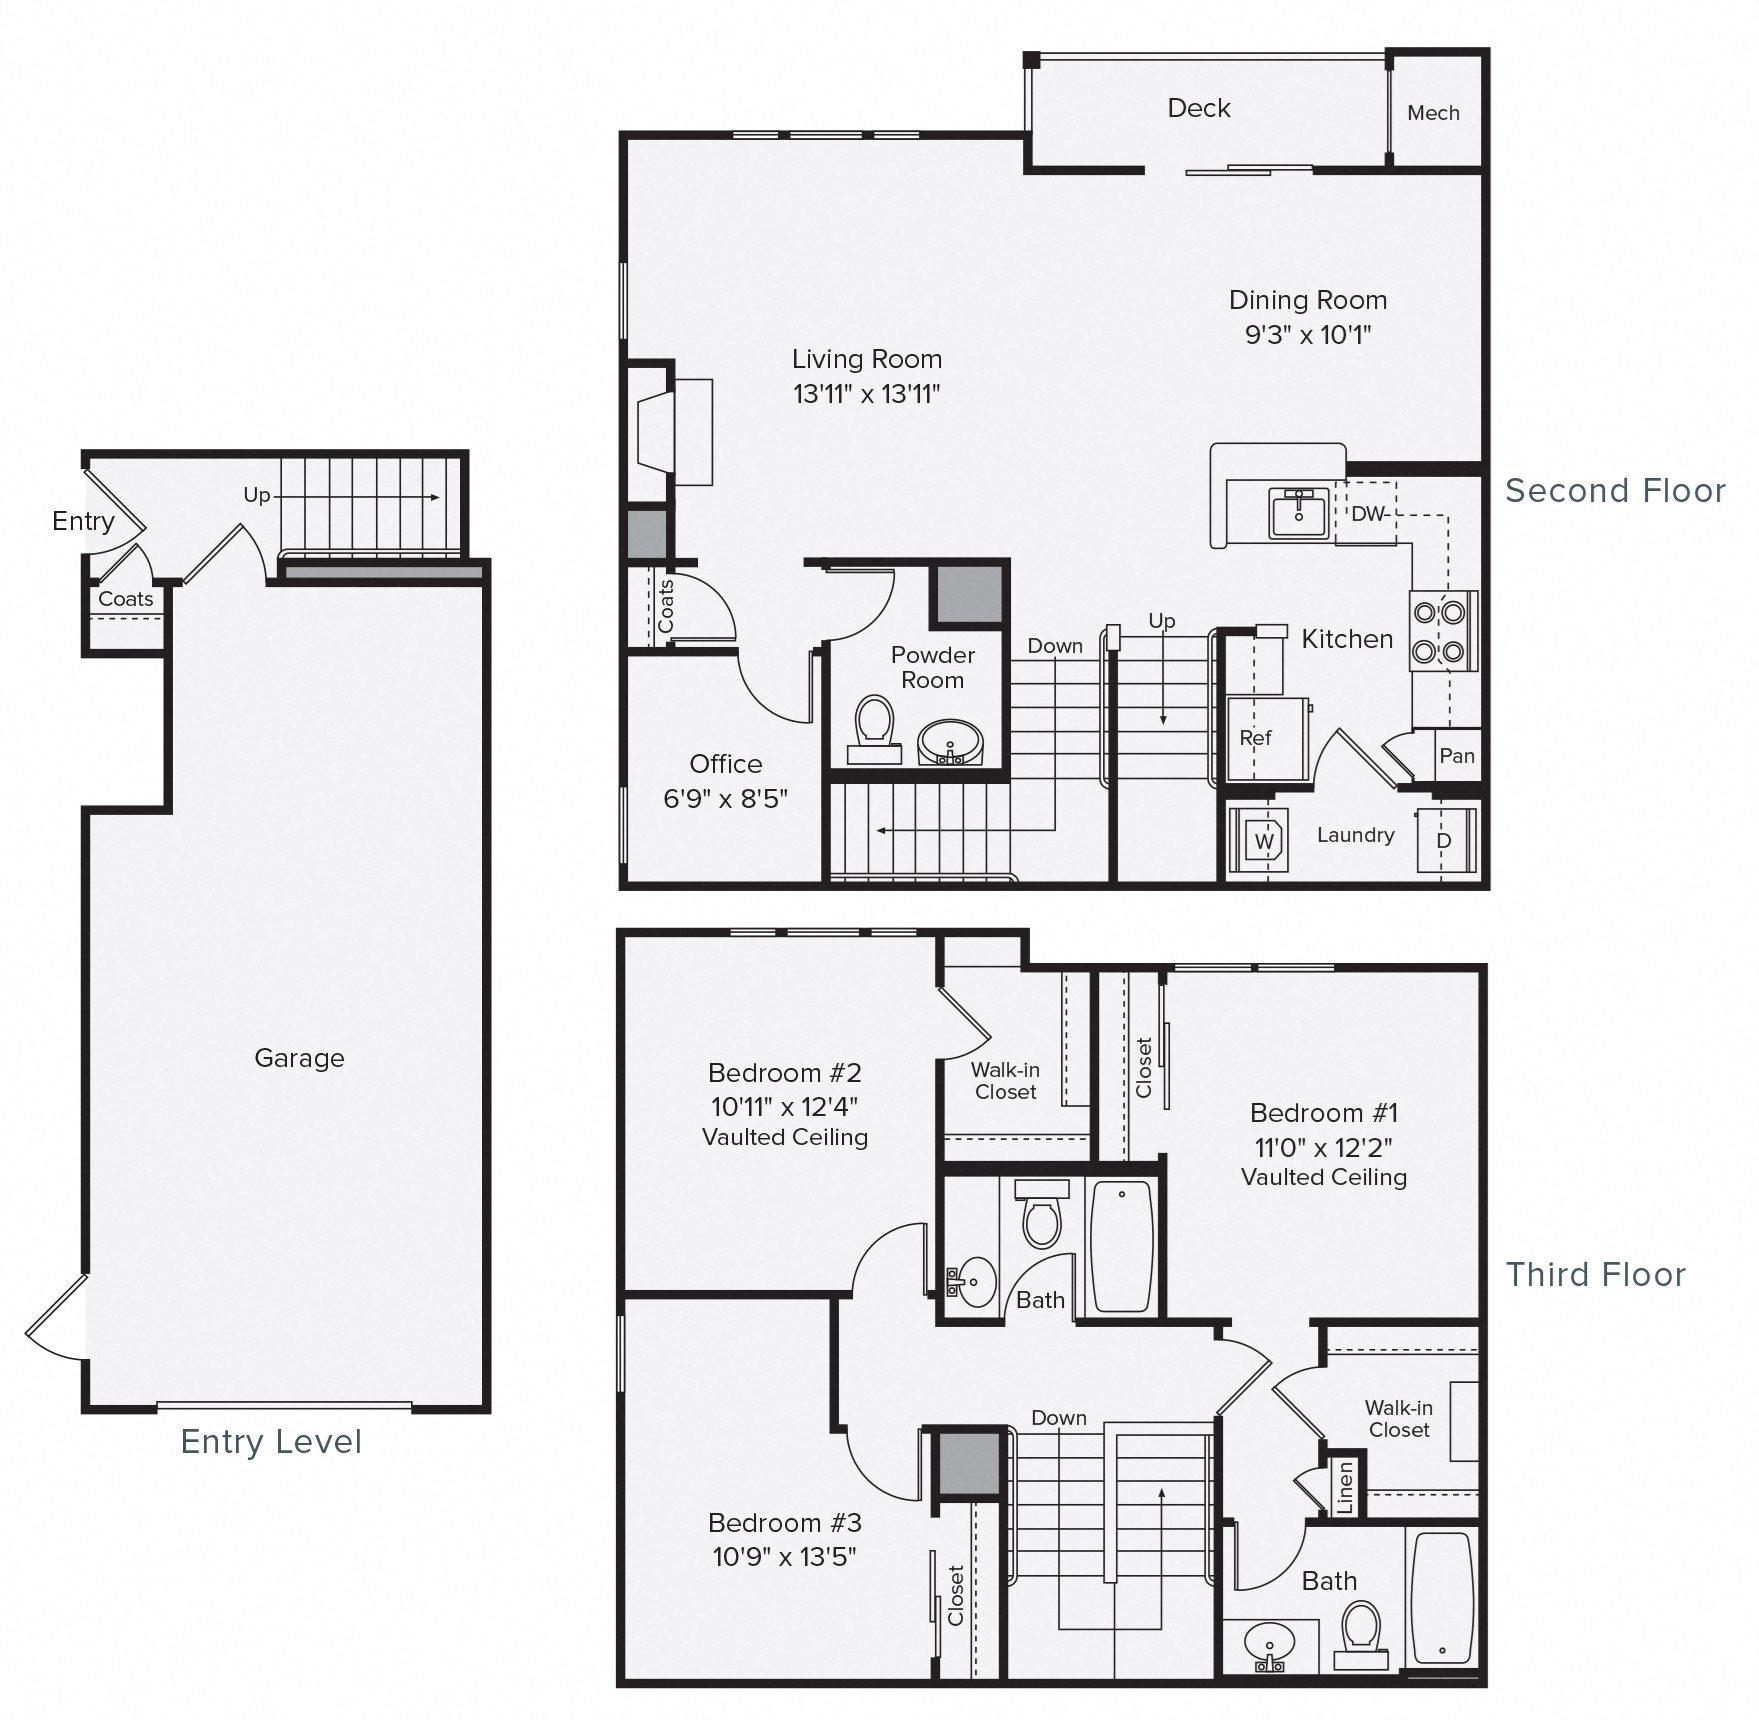 3C Floor Plan 16